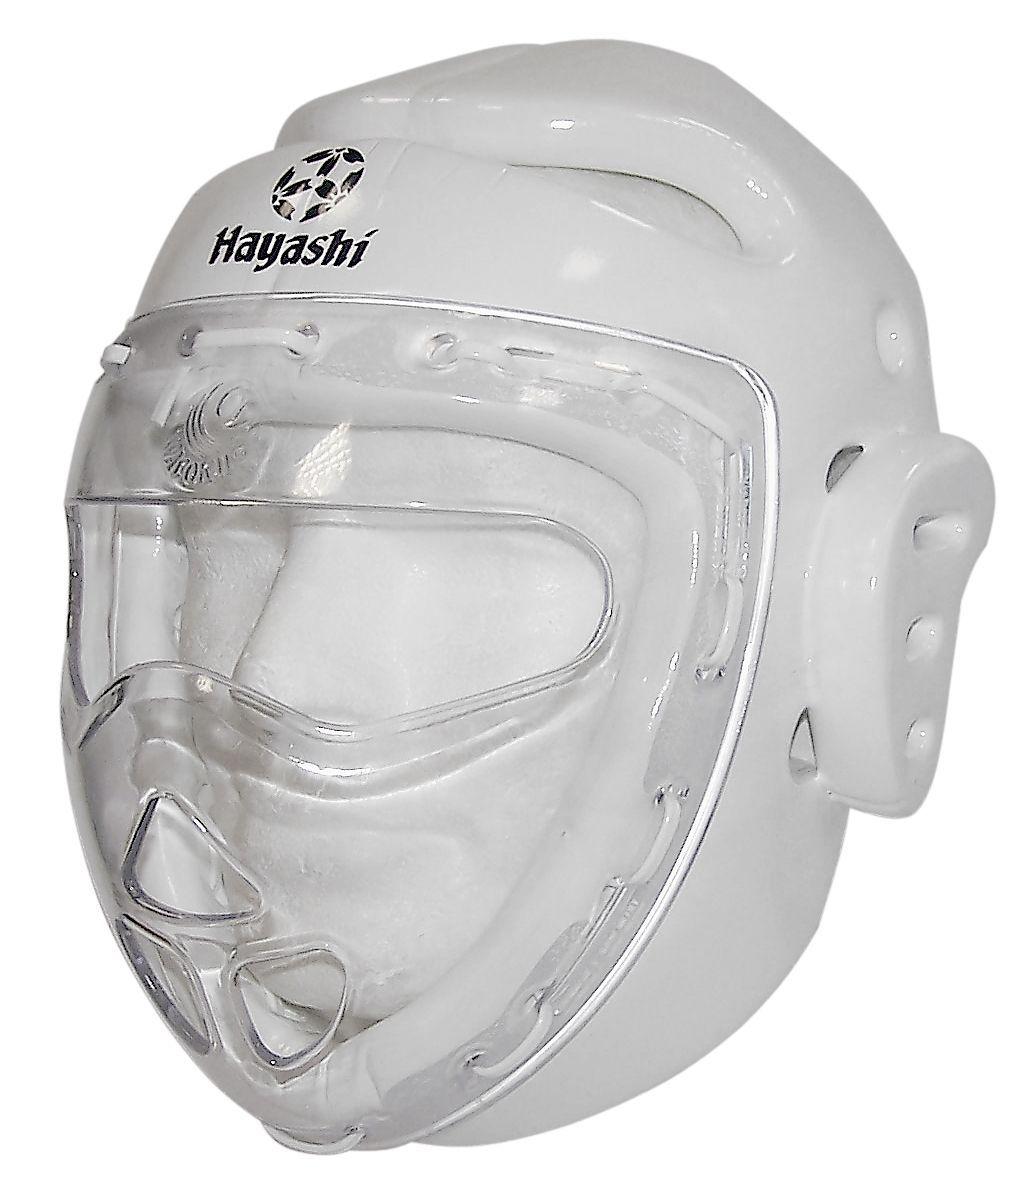 Hayashi Hoofdbeschermer met masker Wit